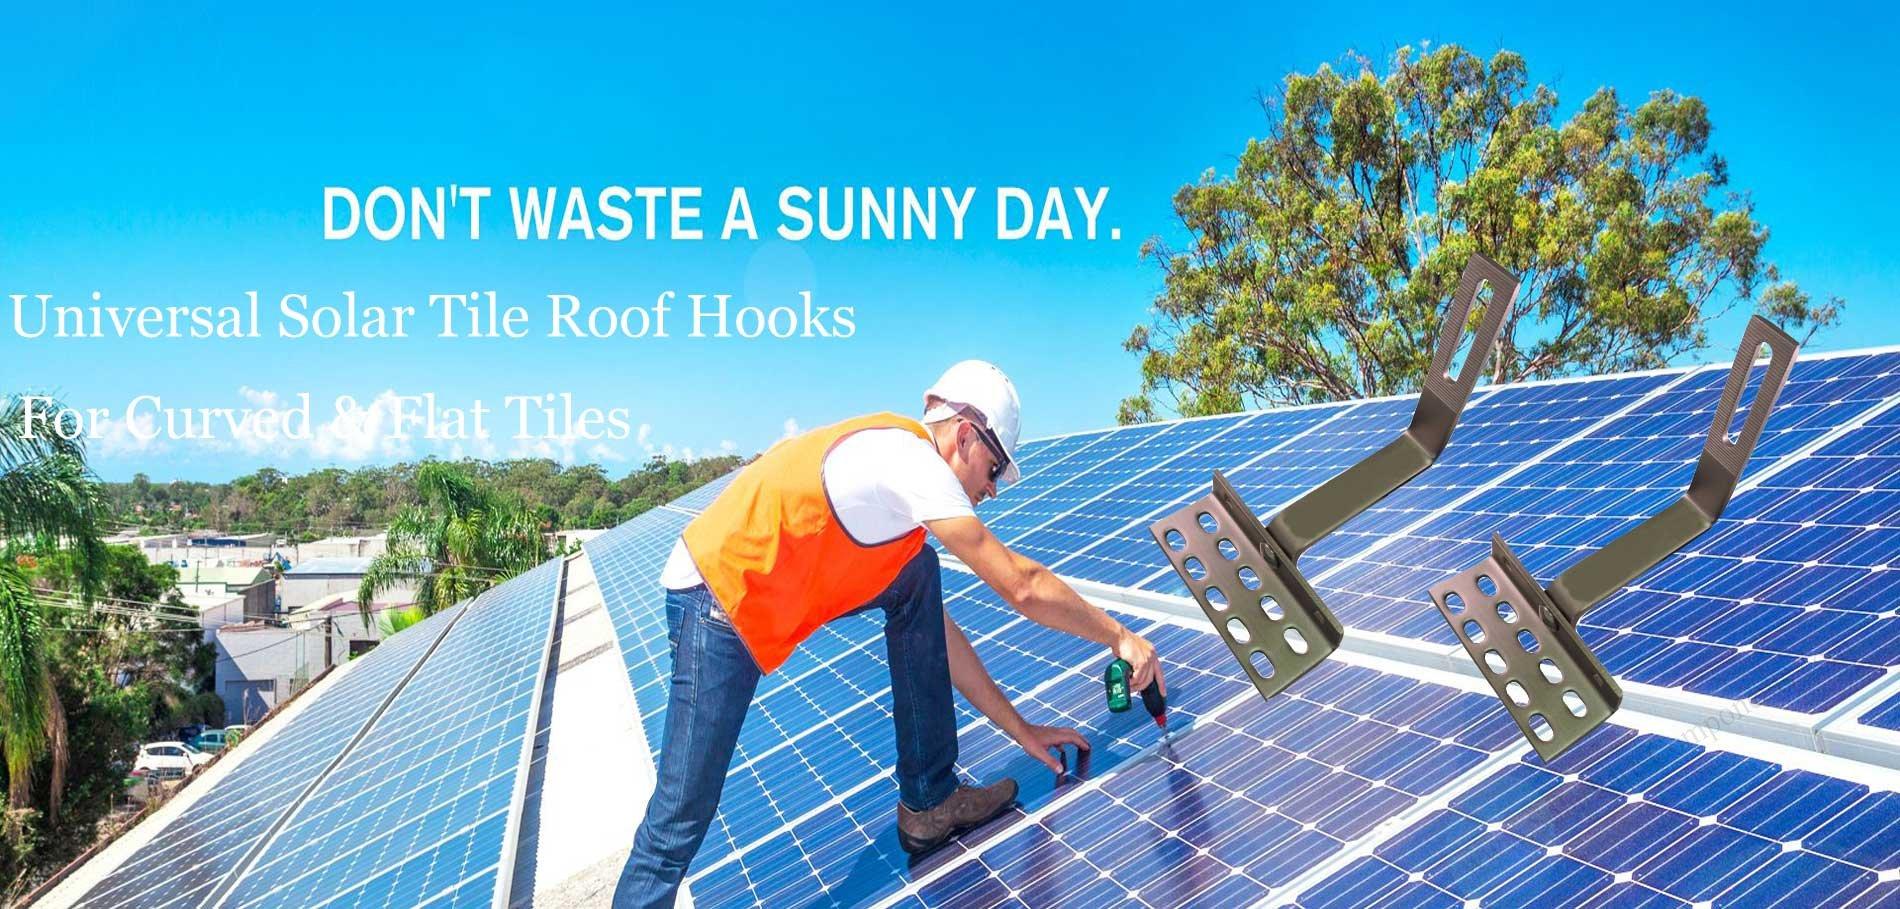 universal solar roof tile hooks